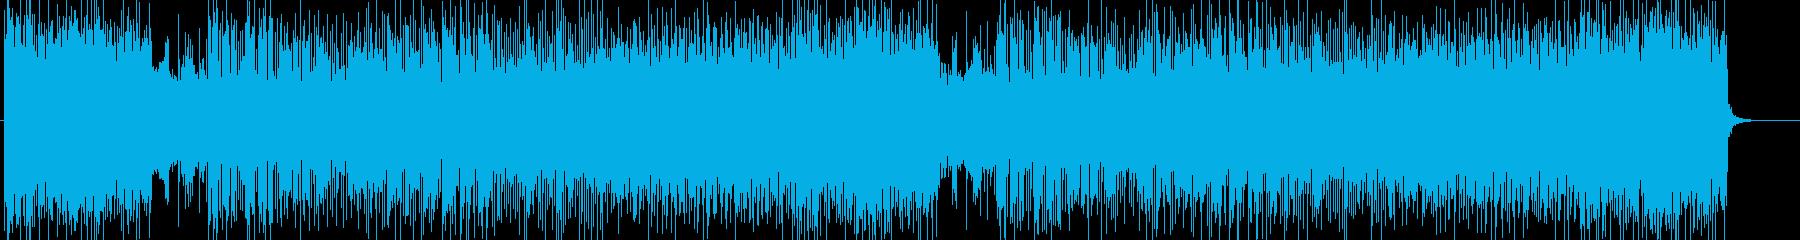 「HR/HM」「POWER」BGM209の再生済みの波形